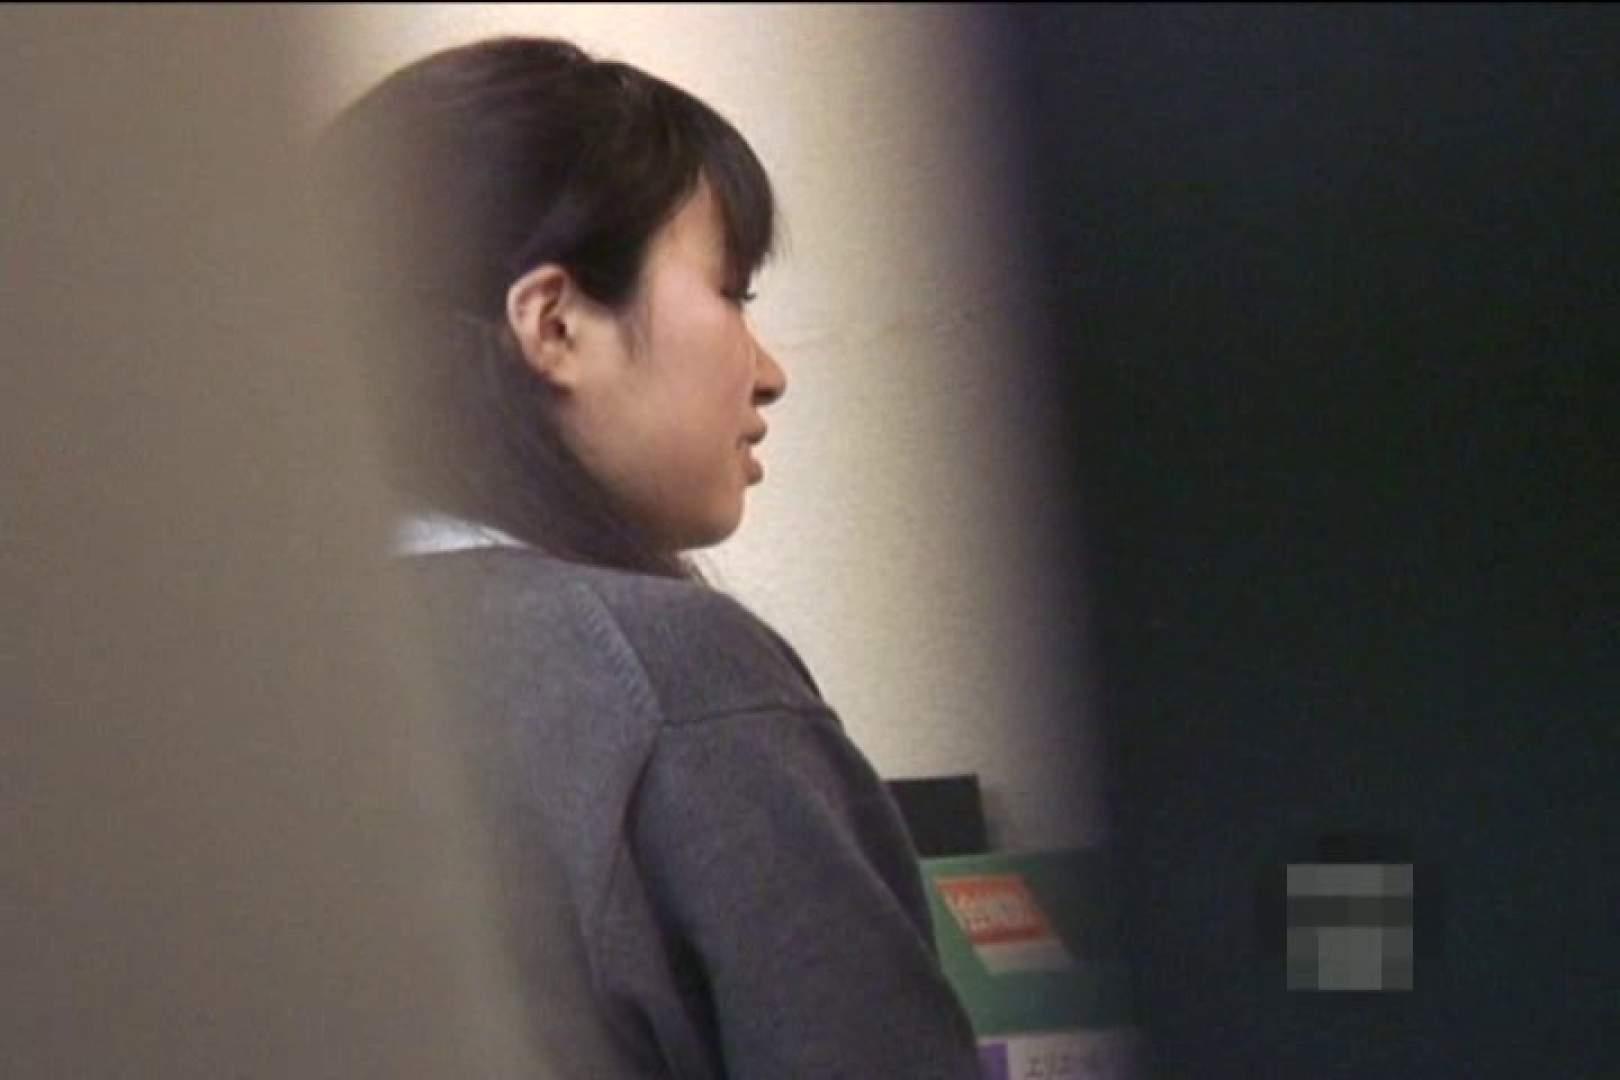 逆噴射病院 肛門科Vol.3 生アナル オメコ無修正動画無料 51PICs 39